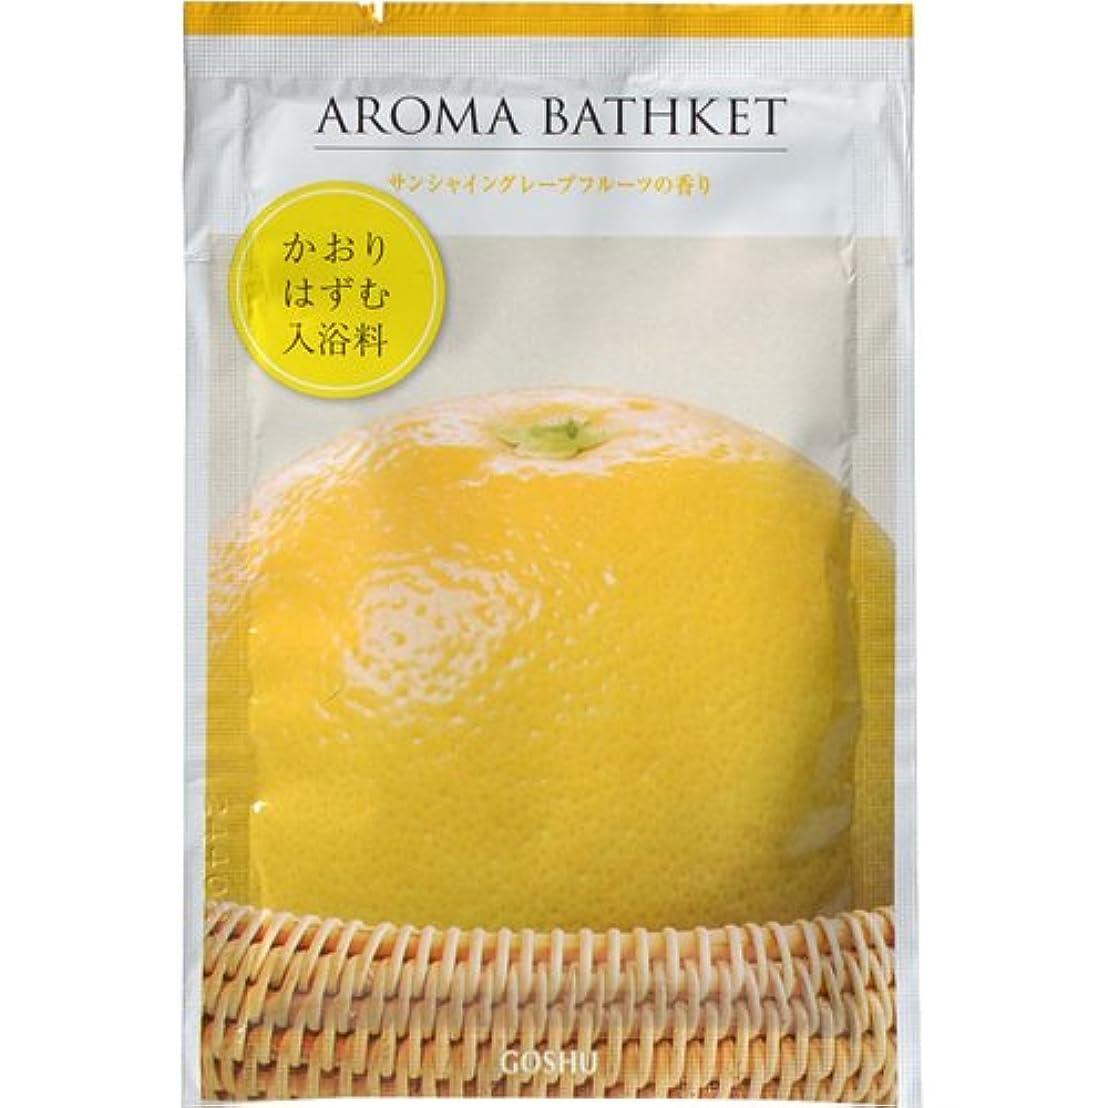 ビクター料理をする費用アロマバスケット サンシャイングレープフルーツの香り 25g